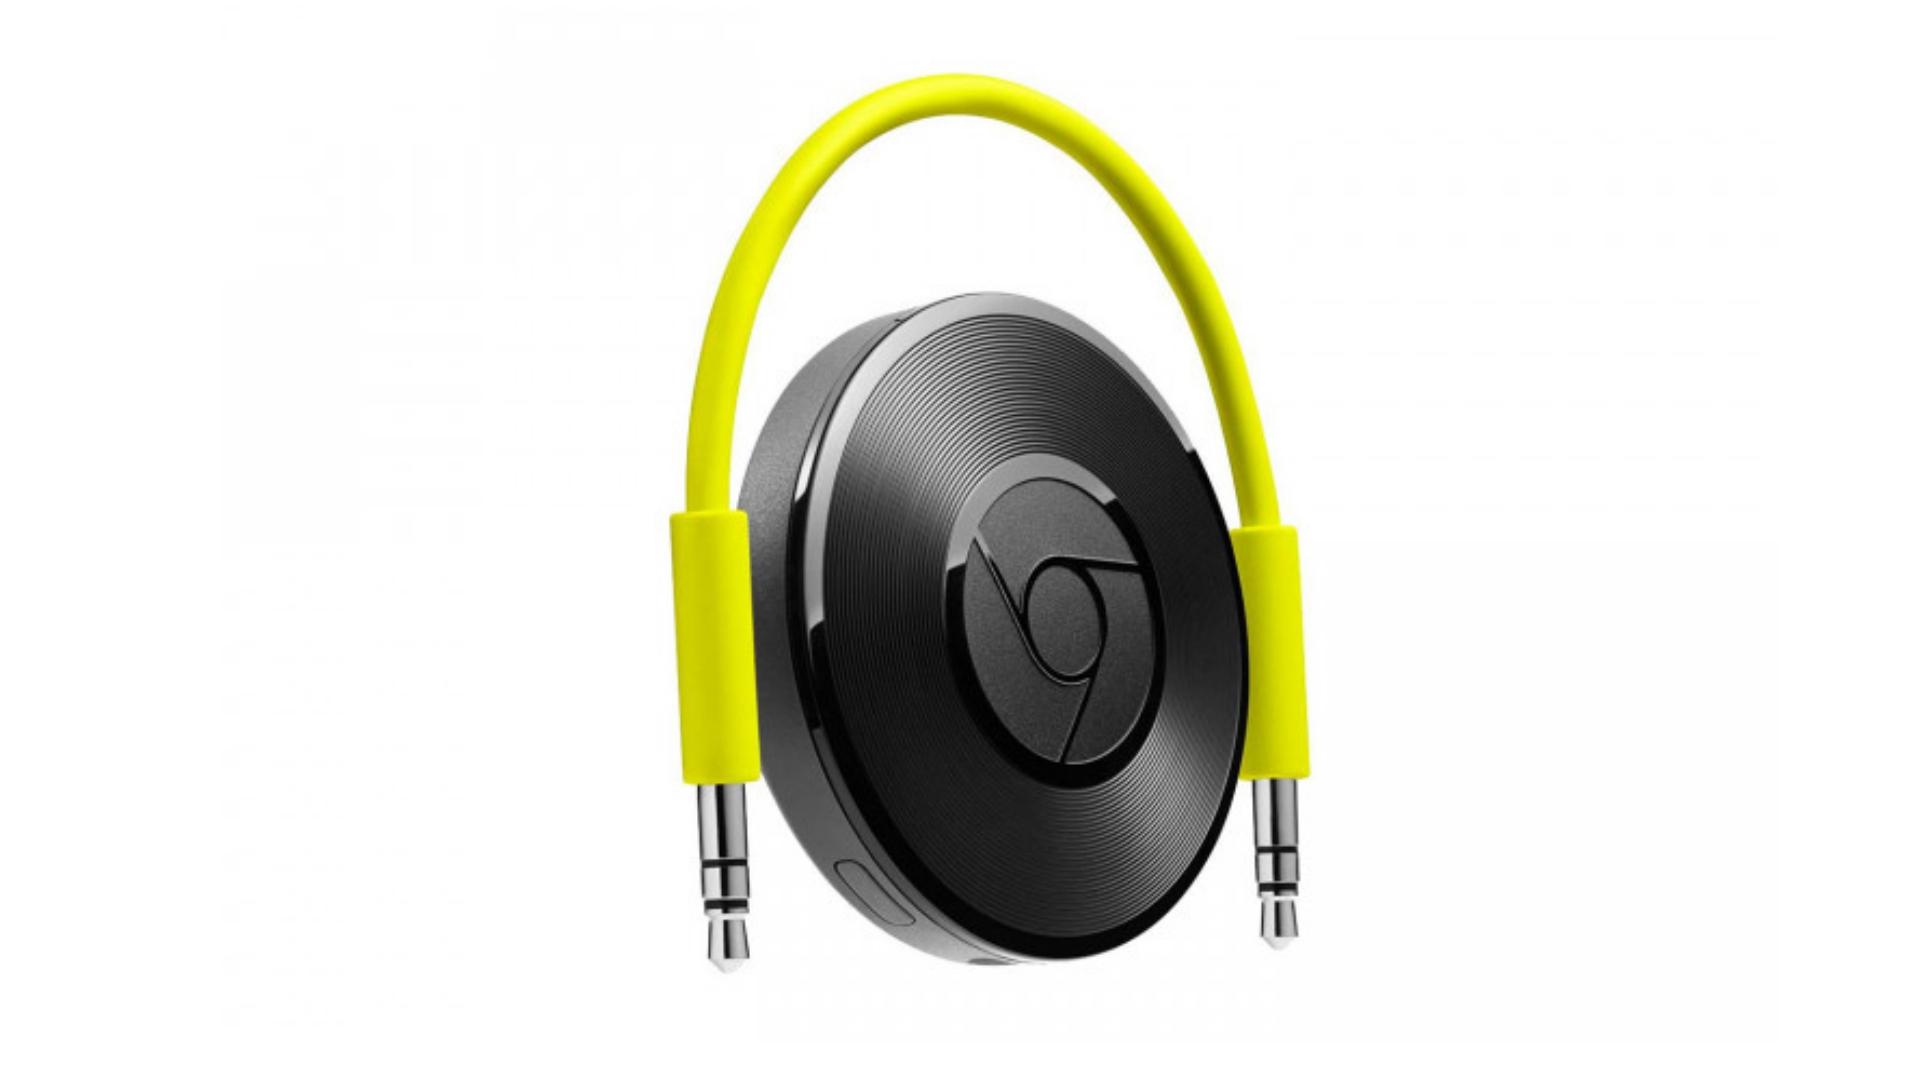 cheap chromecast audio deals